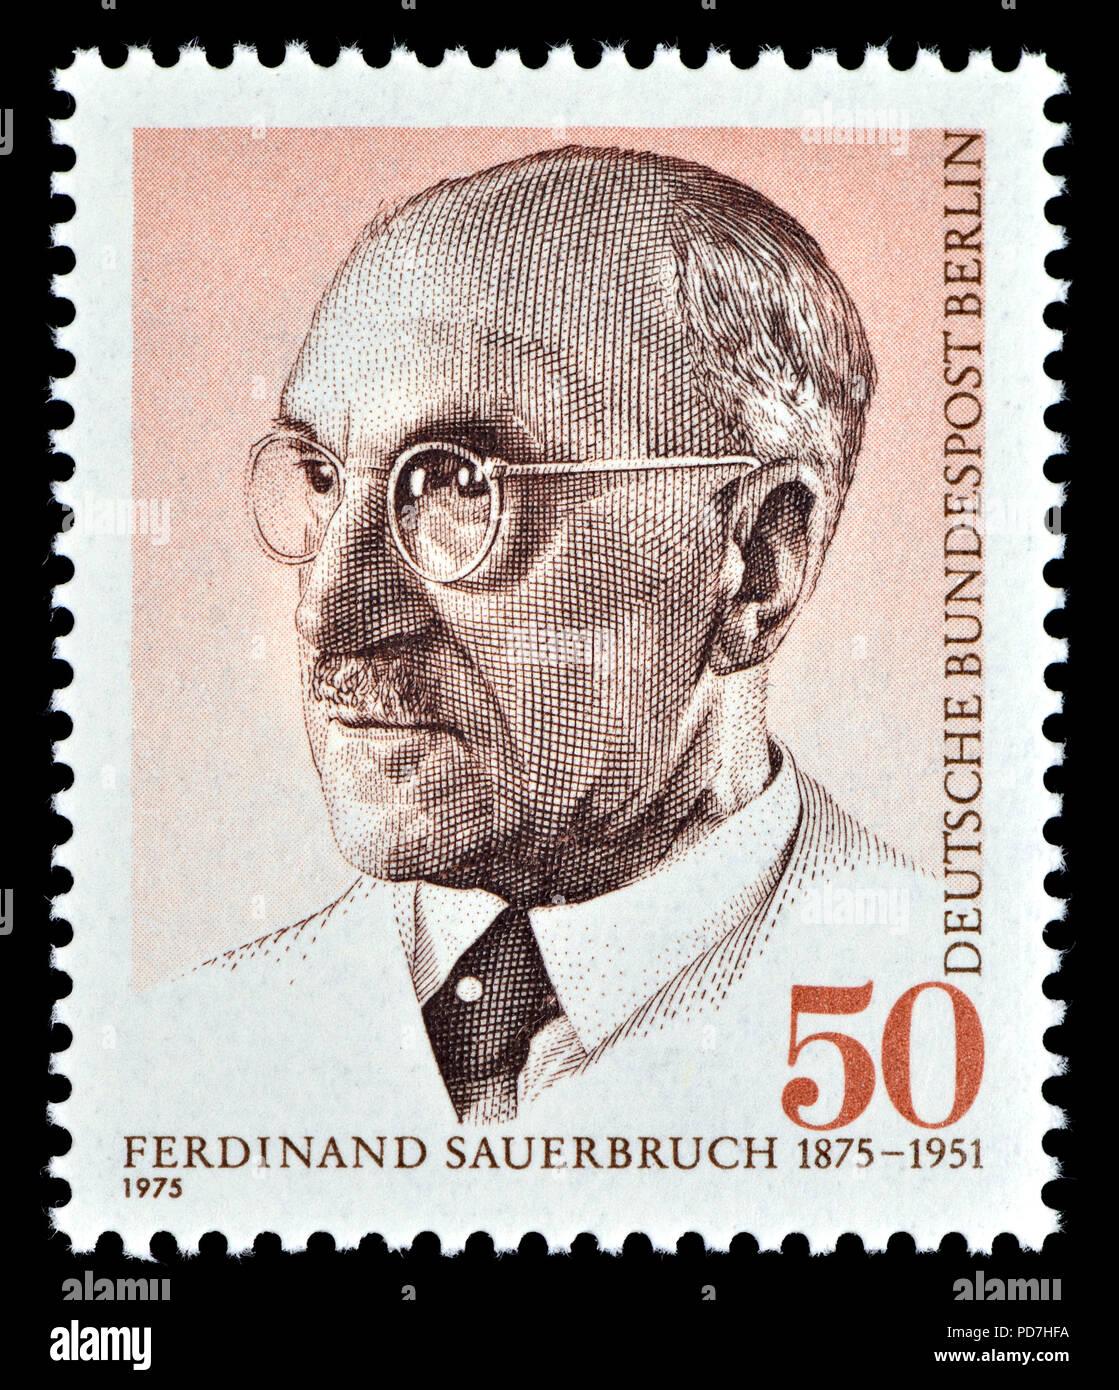 Deutschen Briefmarke Berlin 1975 Ernst Ferdinand Sauerbruch